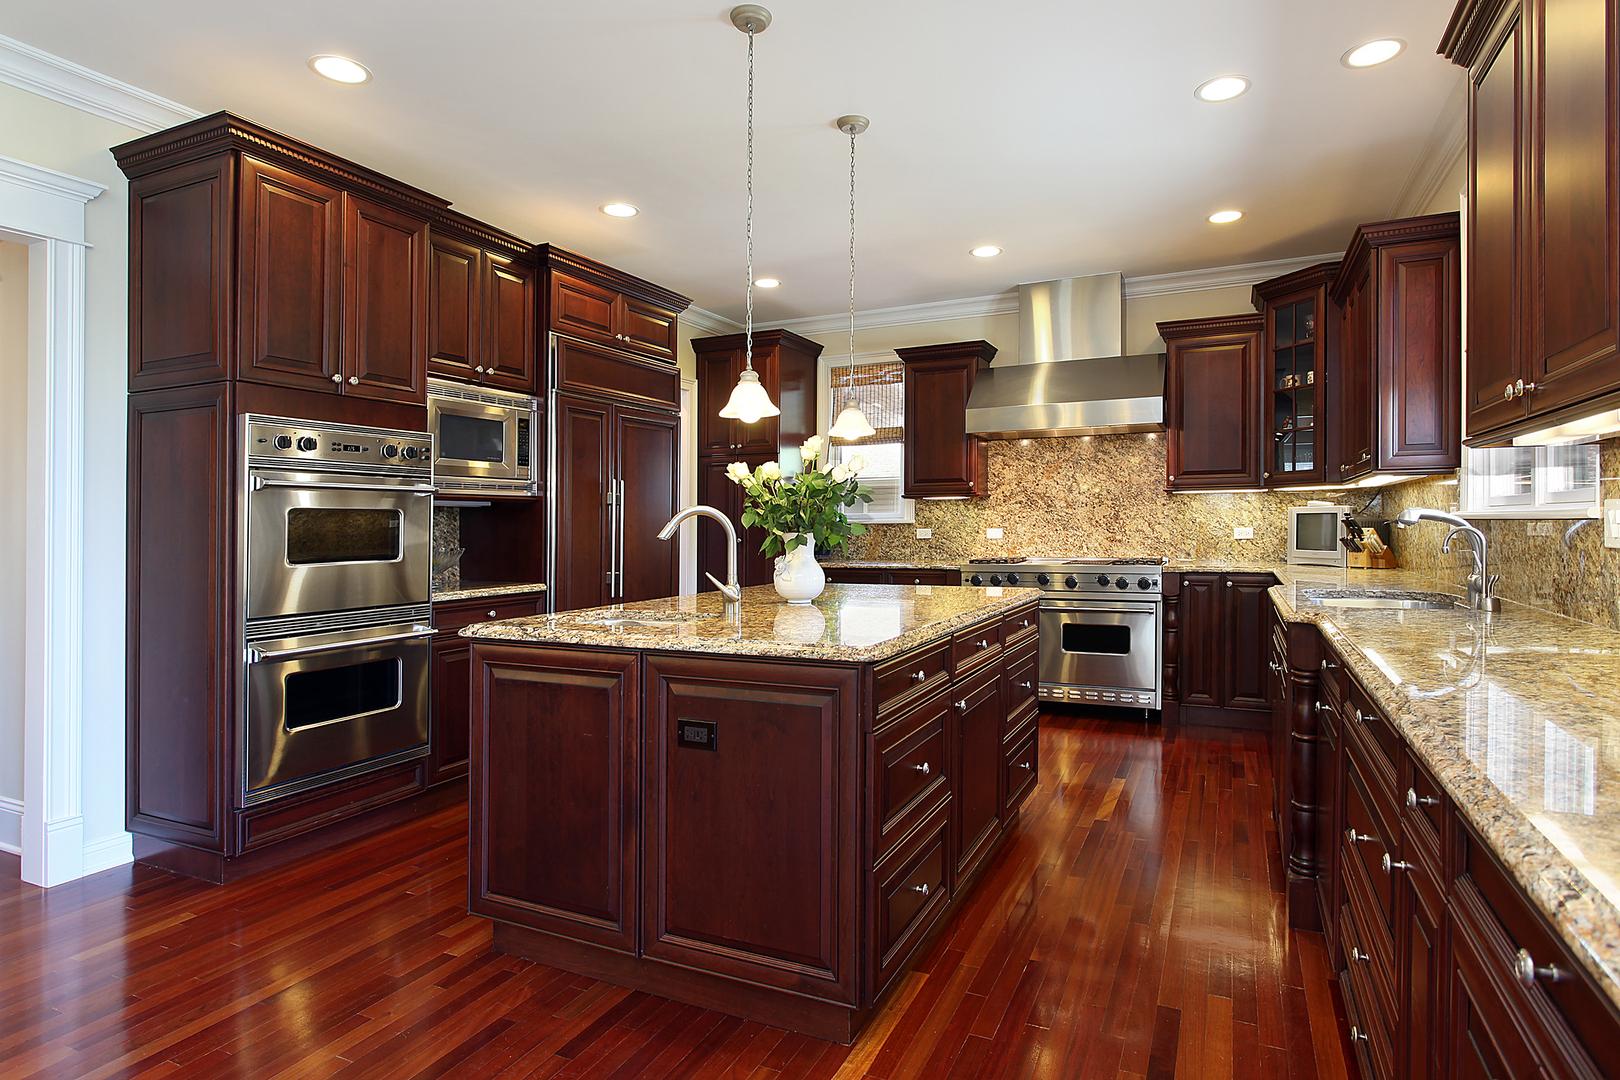 Dream Kitchens - Nationwide Kitchen Installers